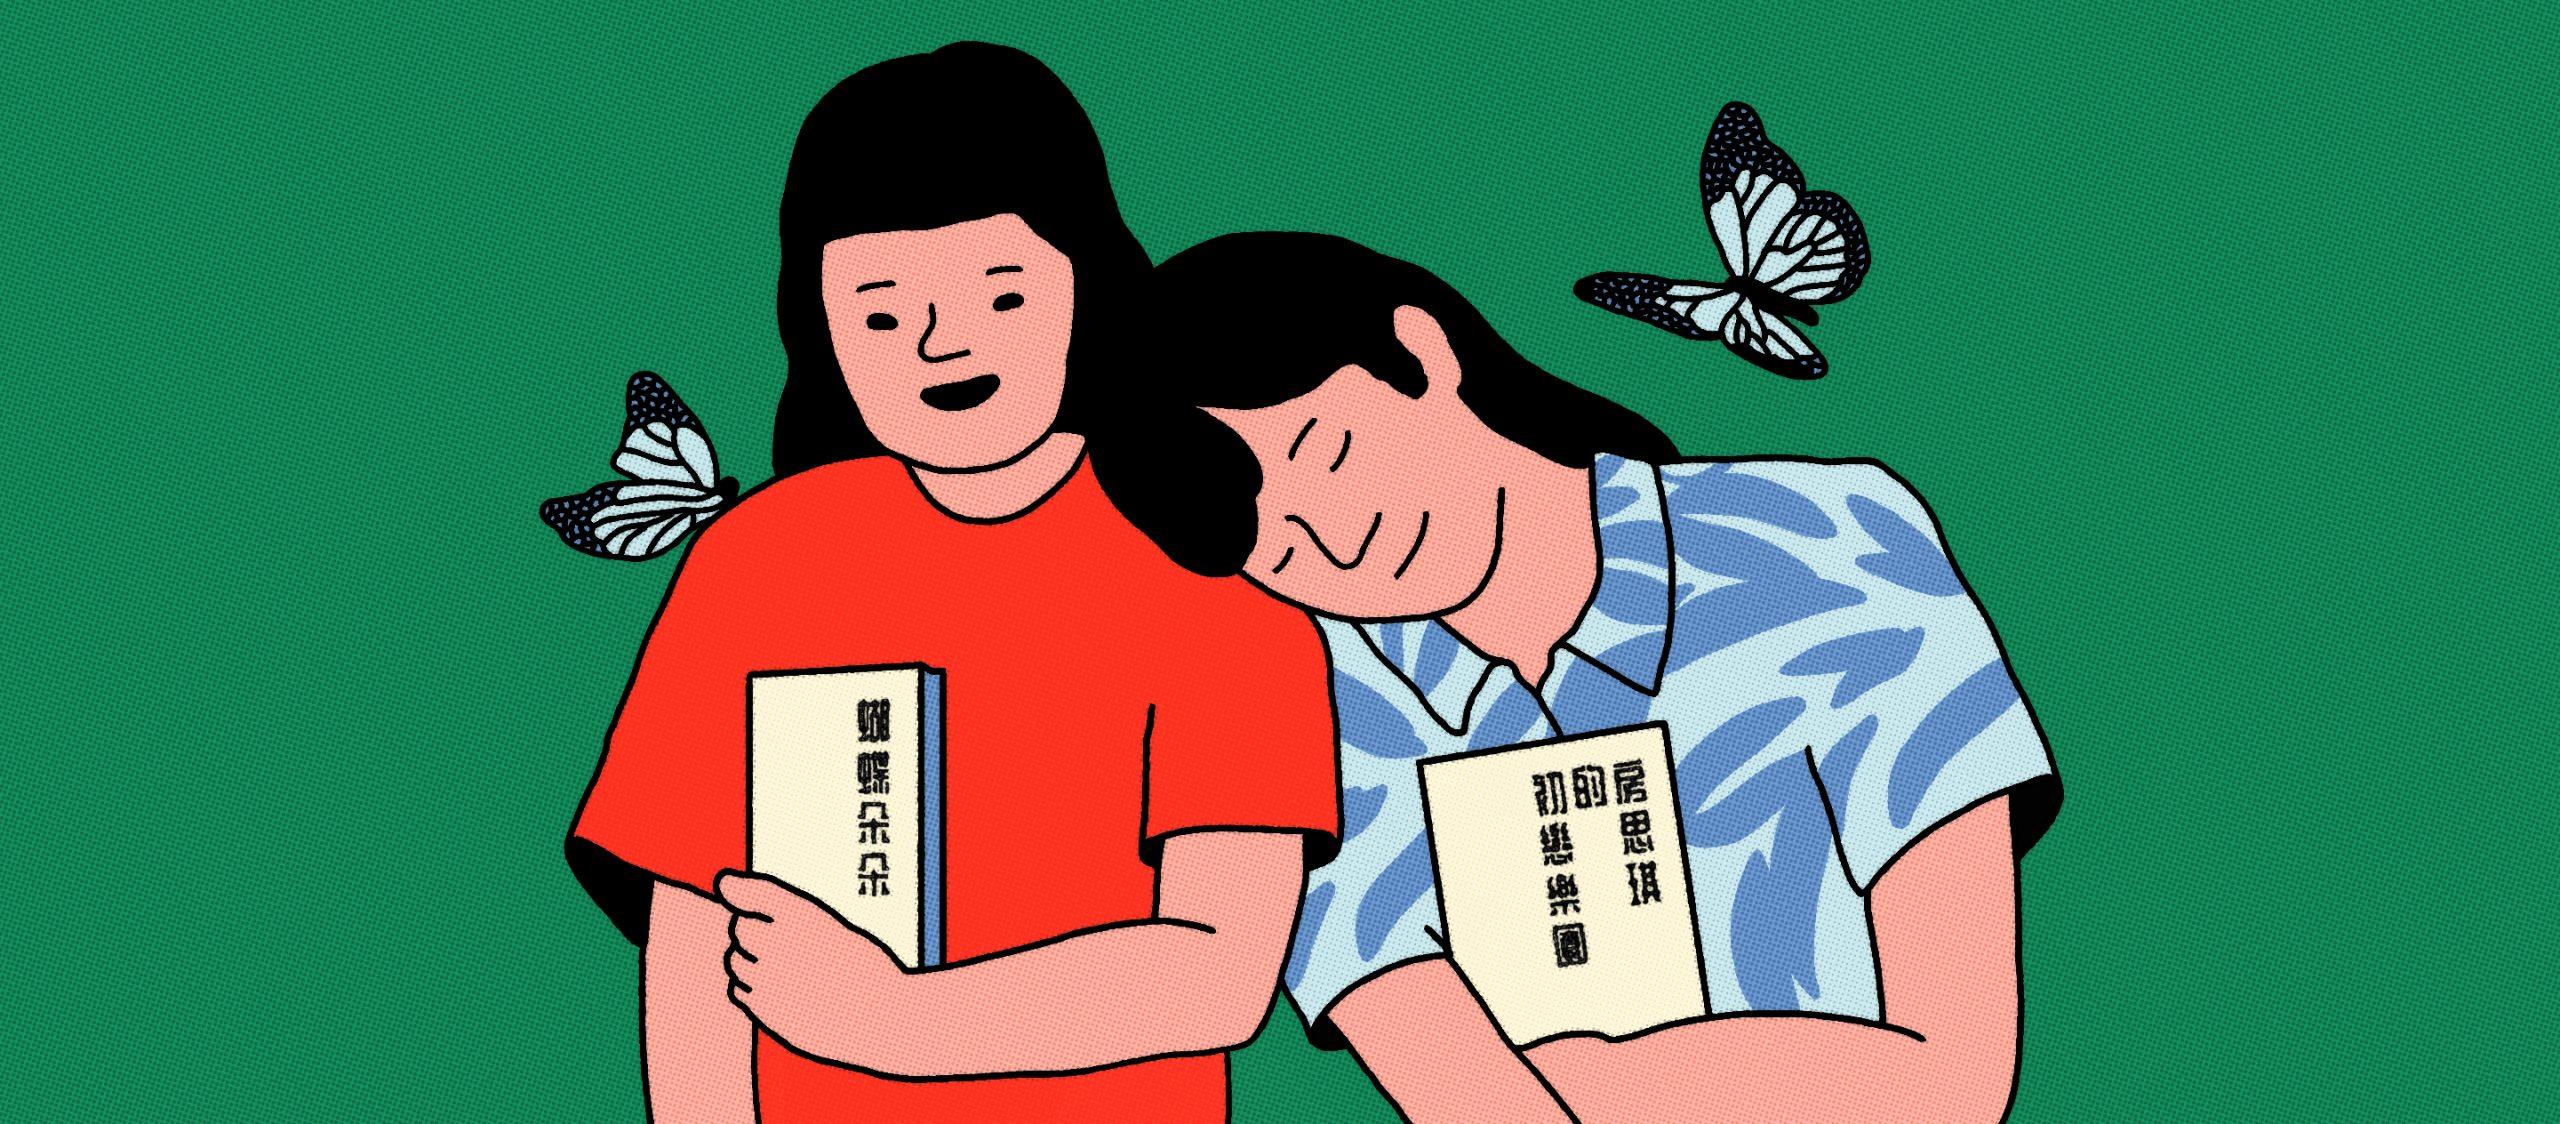 ผีเสื้อของตั๋วตั่ว : หนังสือนิทานที่ร้านหนังสือทั่วไต้หวันอยากให้ผู้ปกครองอ่านมากที่สุด